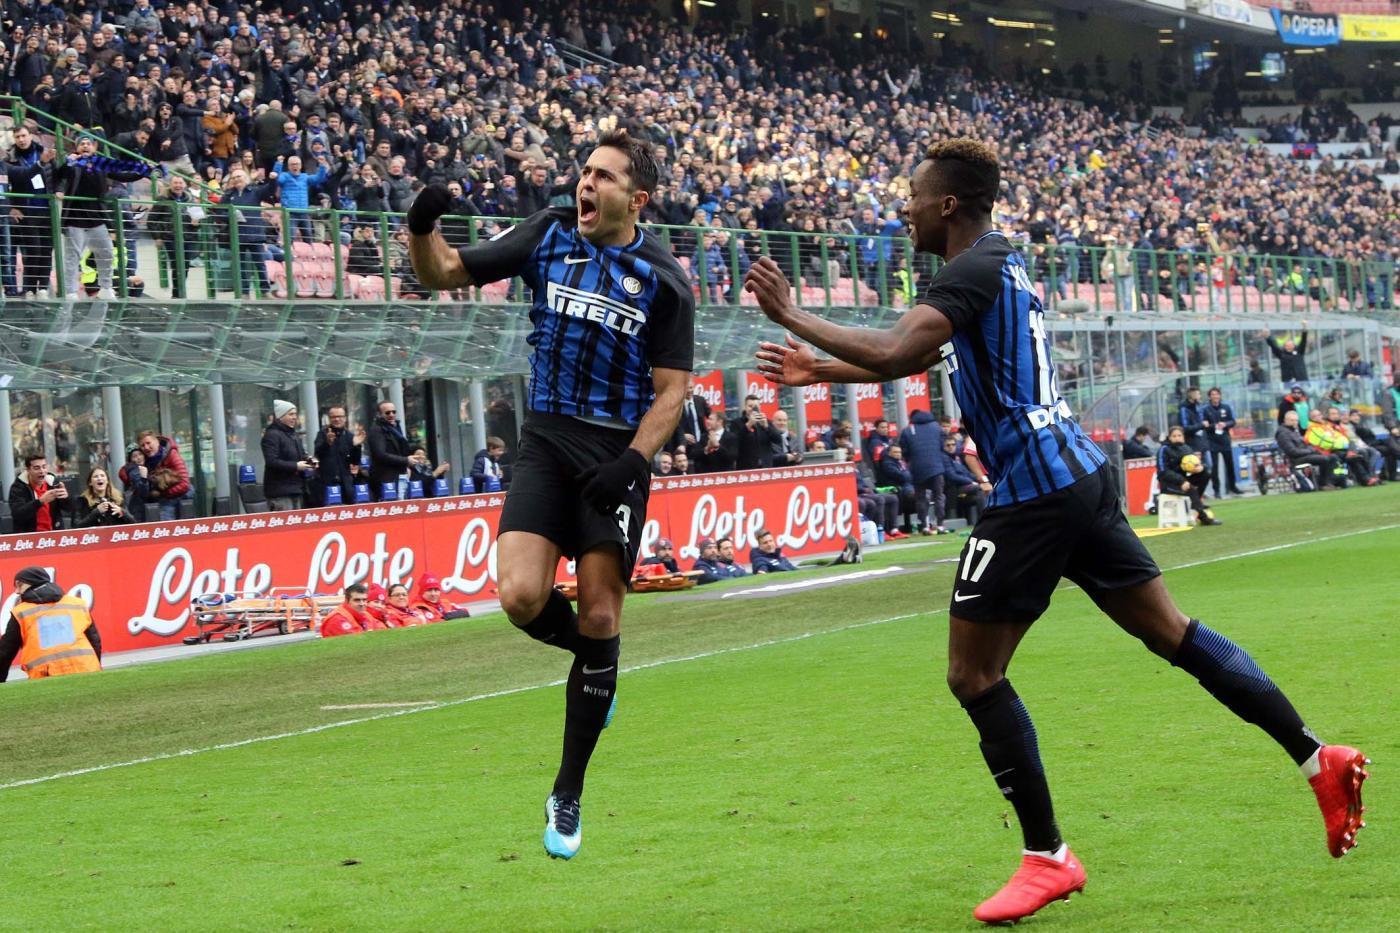 Torna a vincere l'Inter e lo fa a San Siro  con il Bologna (in 10 dal 67' per il rosso a Mbaye, poi in 9 nel finale per un fallaccio di Masina): i nerazzurri passano 2-1 grazie al gol in apertura di Eder e al raddoppio al 18' della ripresa di Karamoh. In mezzo il momentaneo pareggio degli ospiti con l'ex Rodrigo Palacio. L'Inter non vinceva in campionato dallo scorso 5 dicembre. Con questo successo sale al terzo posto, staccando di 2 punti la Lazio.<br /><br />